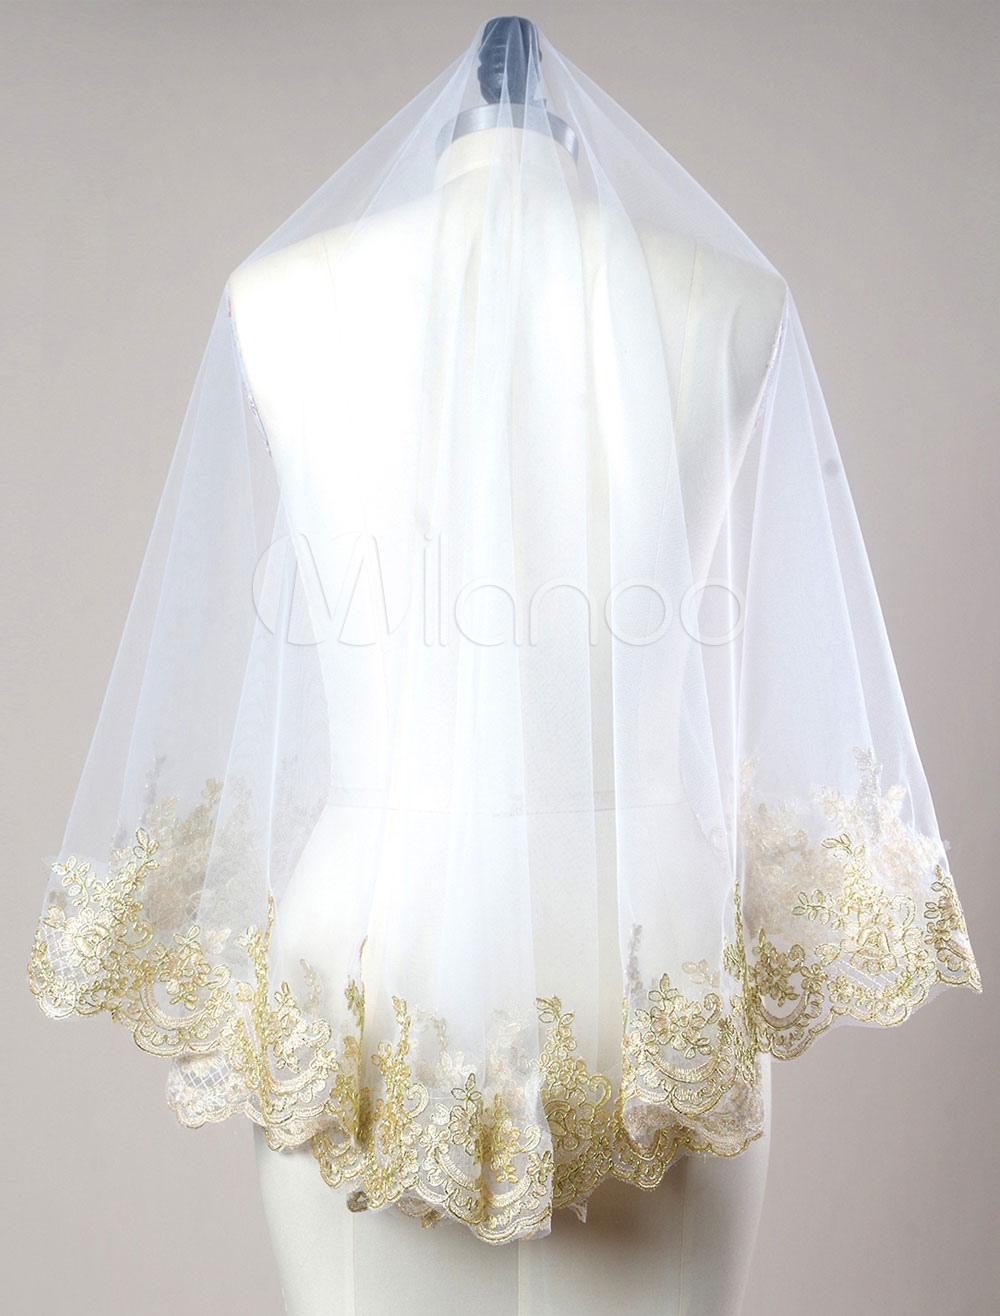 White Wedding Veil Lace Applique Edge Oval Shape Bridal Veil